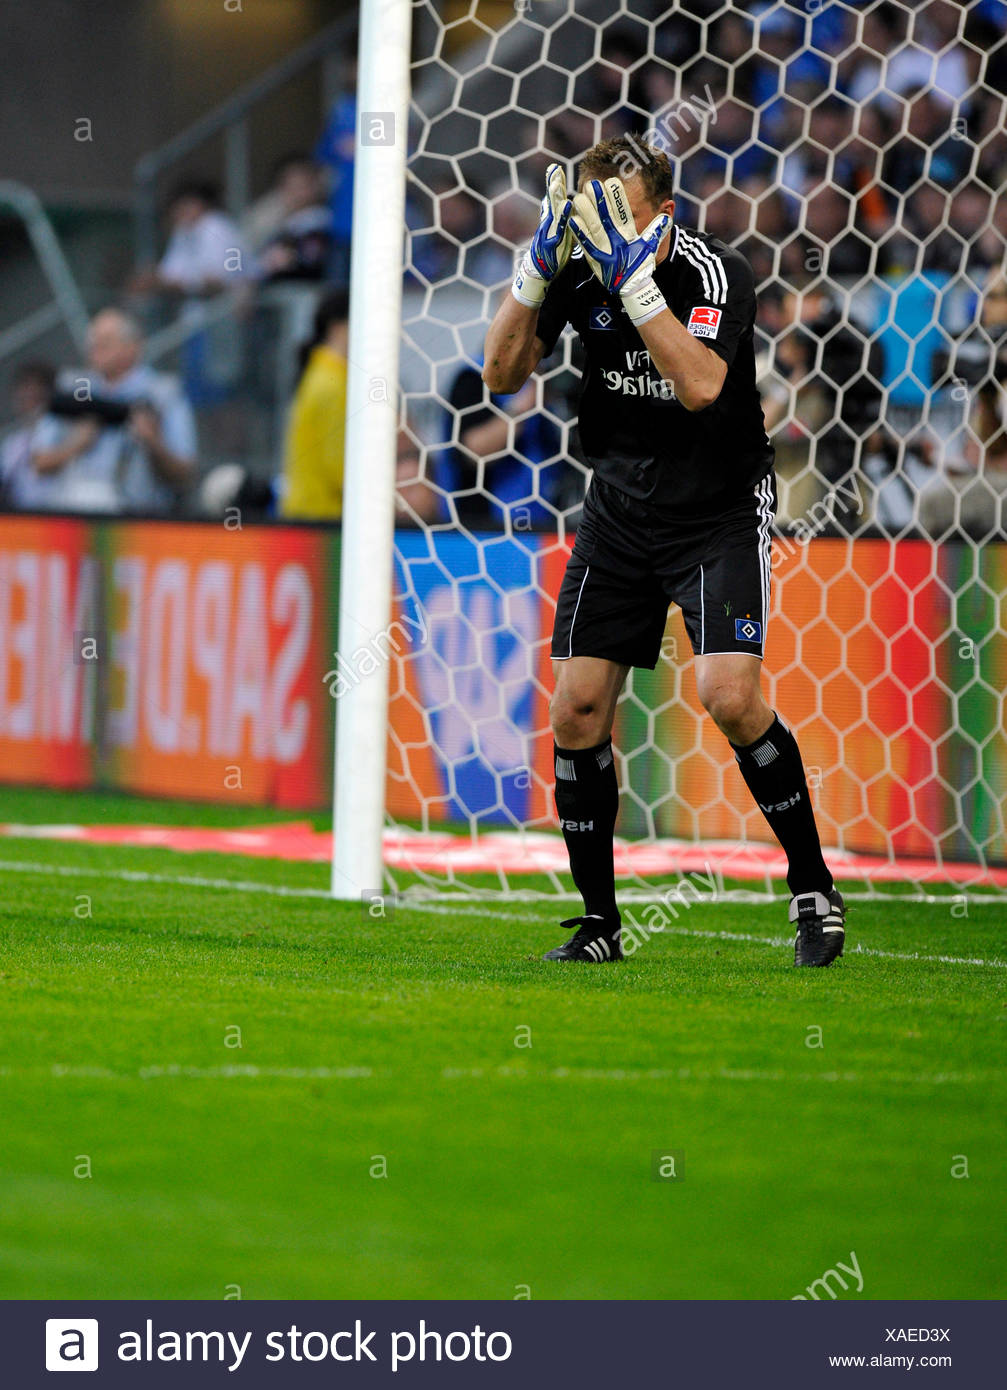 Goalkeeper Frank Rost, HSV Hamburg, stunned, horrified, hands over face - Stock Image